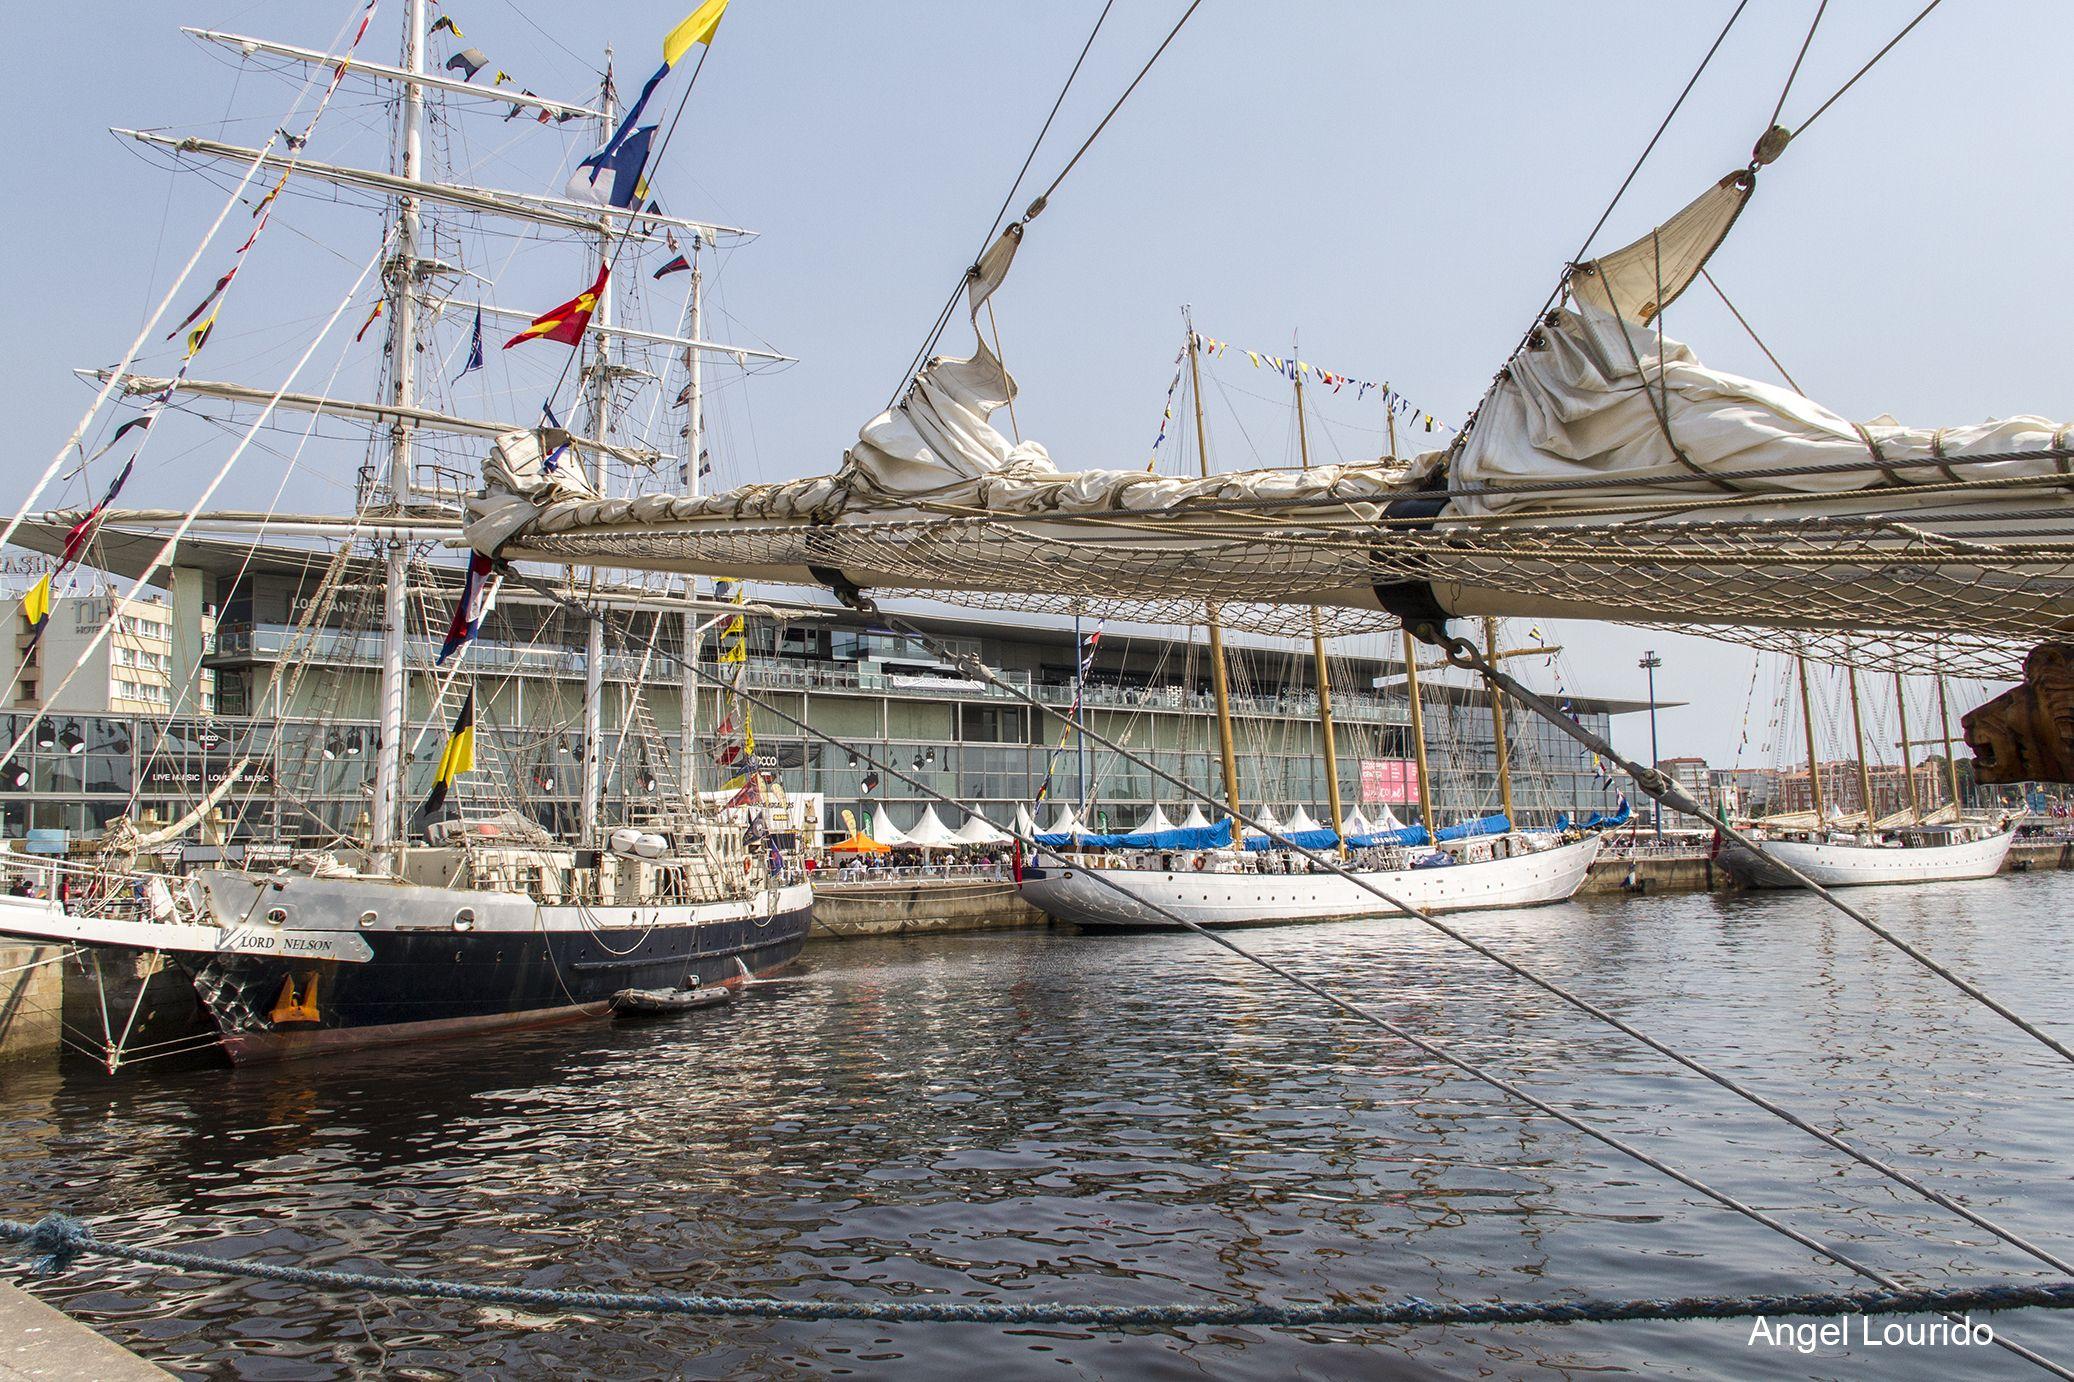 The Tall Ships Races A Coruña 2016 Barcos Altos Galicia Turismo Barcos